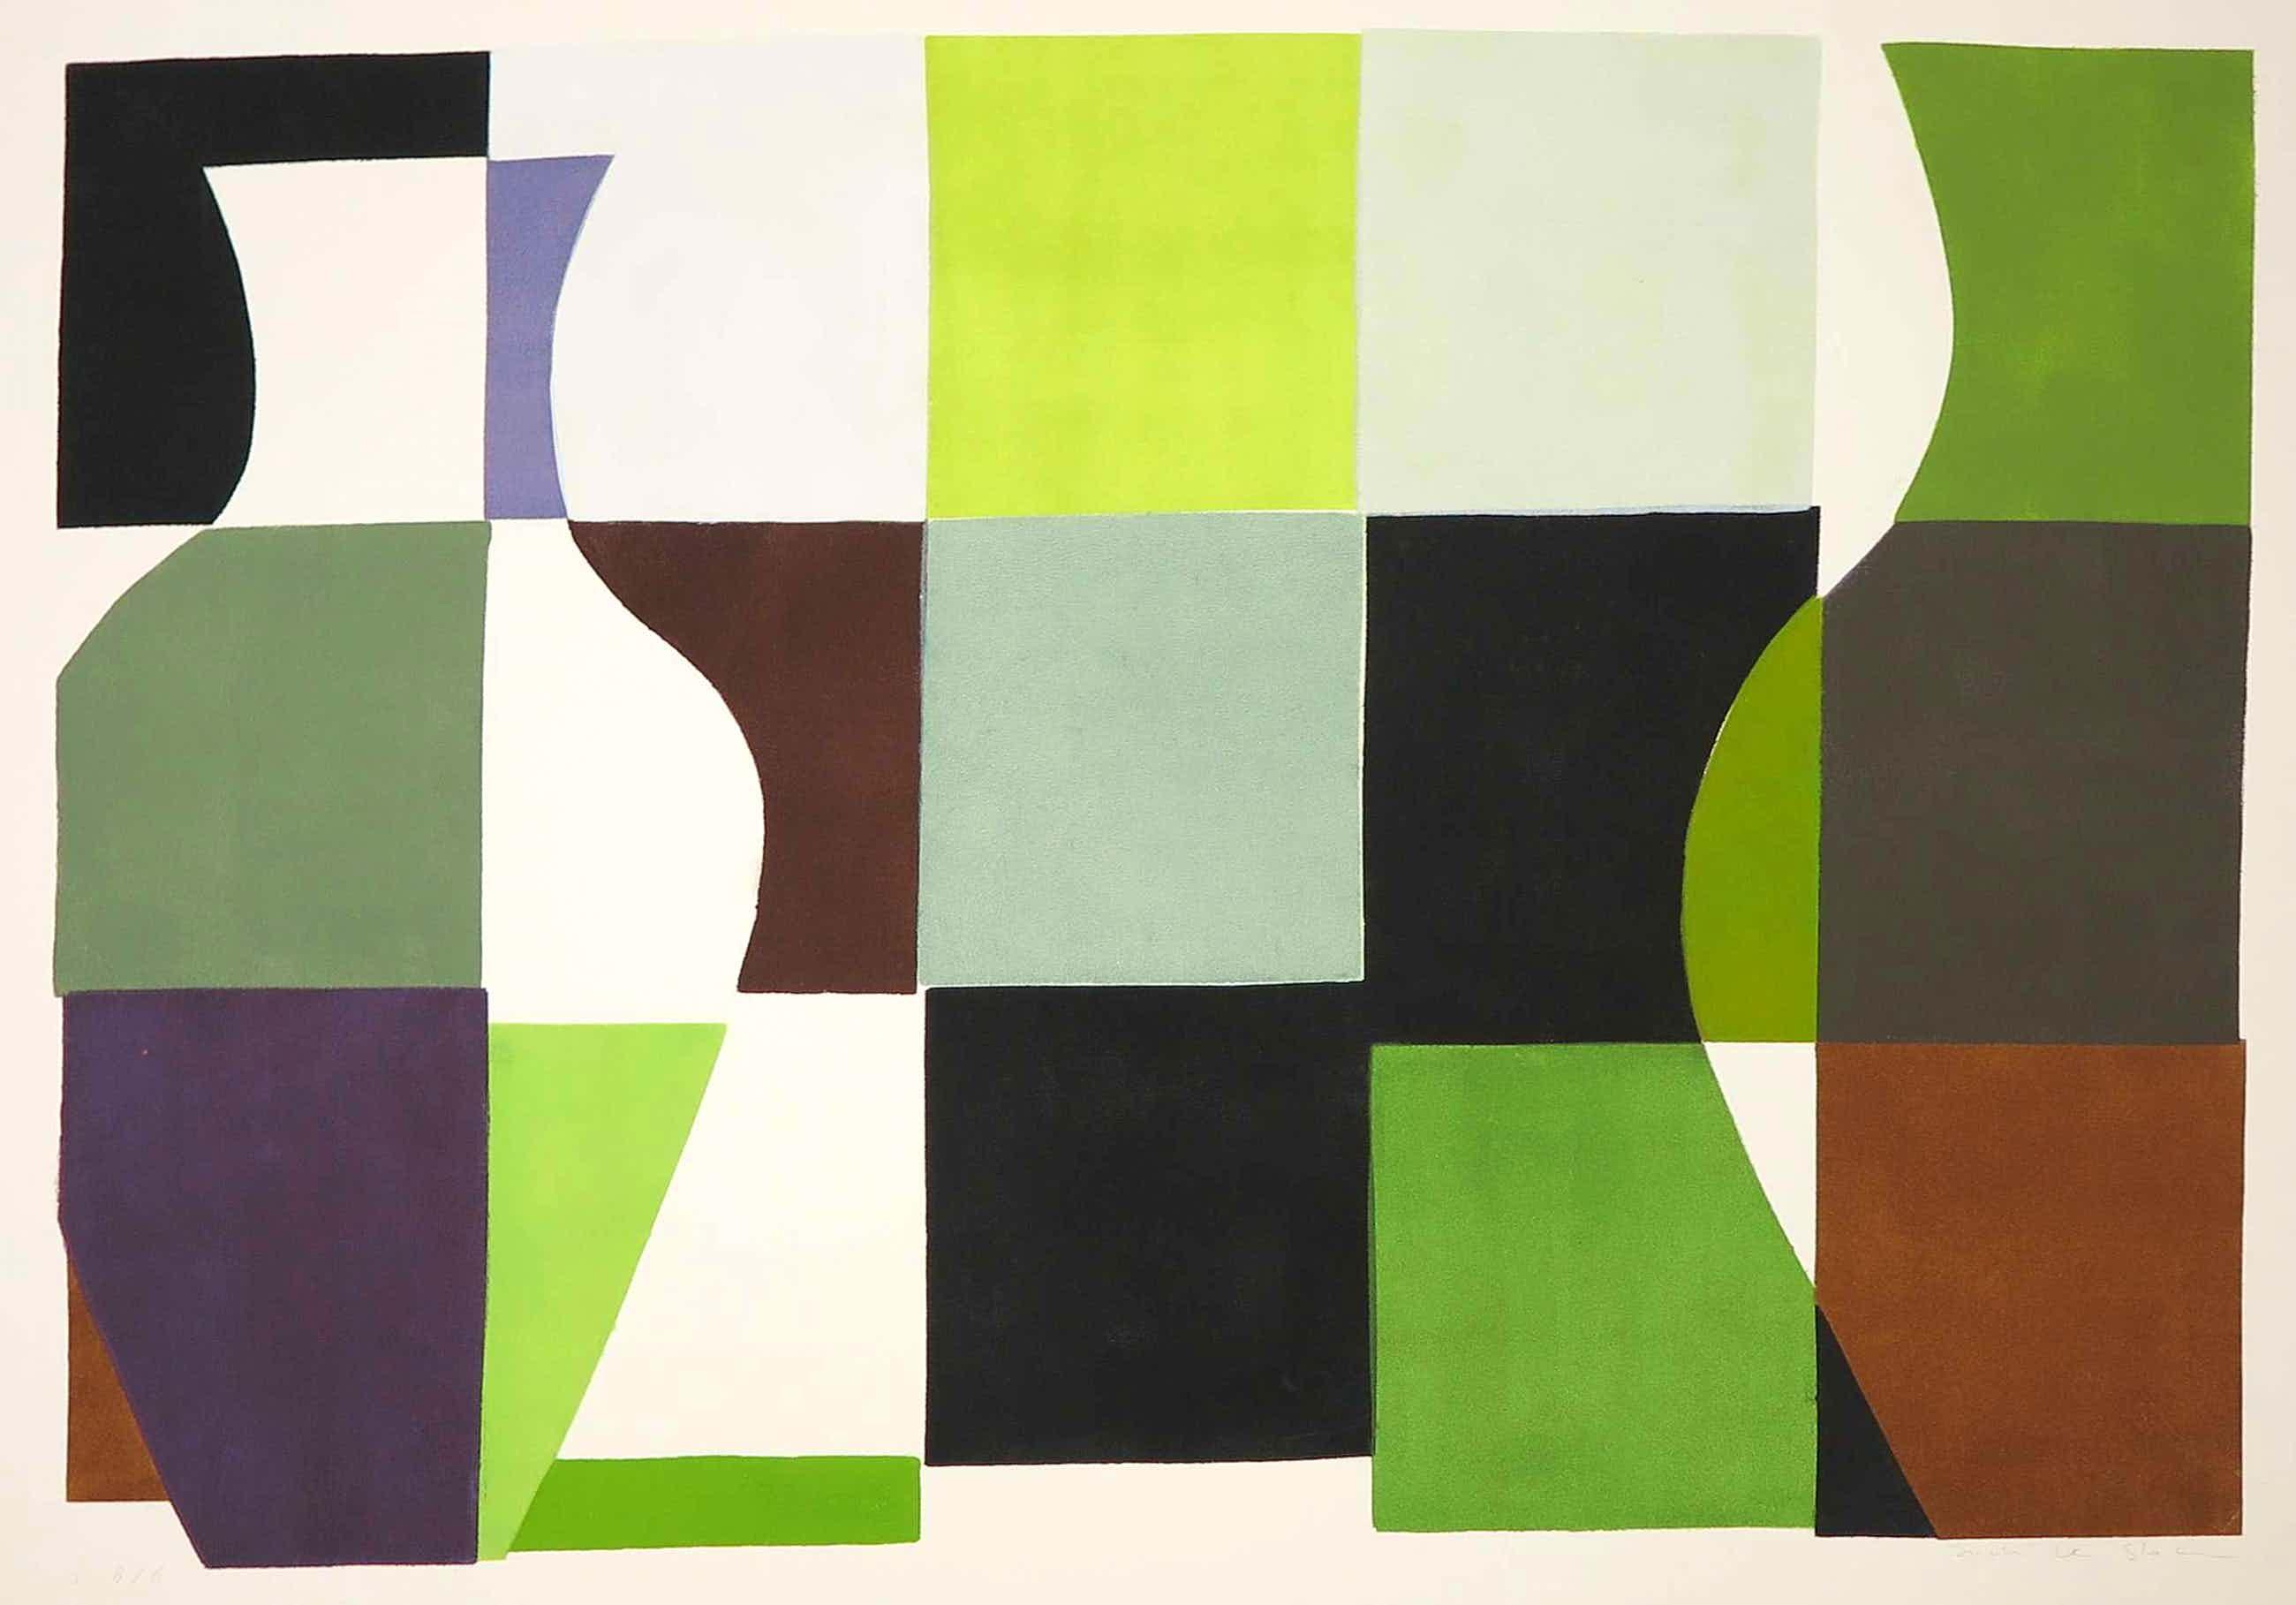 Judith Stolker - Sjabloondruk, Abstracte compositie met kleurvlakken - Ingelijst kopen? Bied vanaf 35!